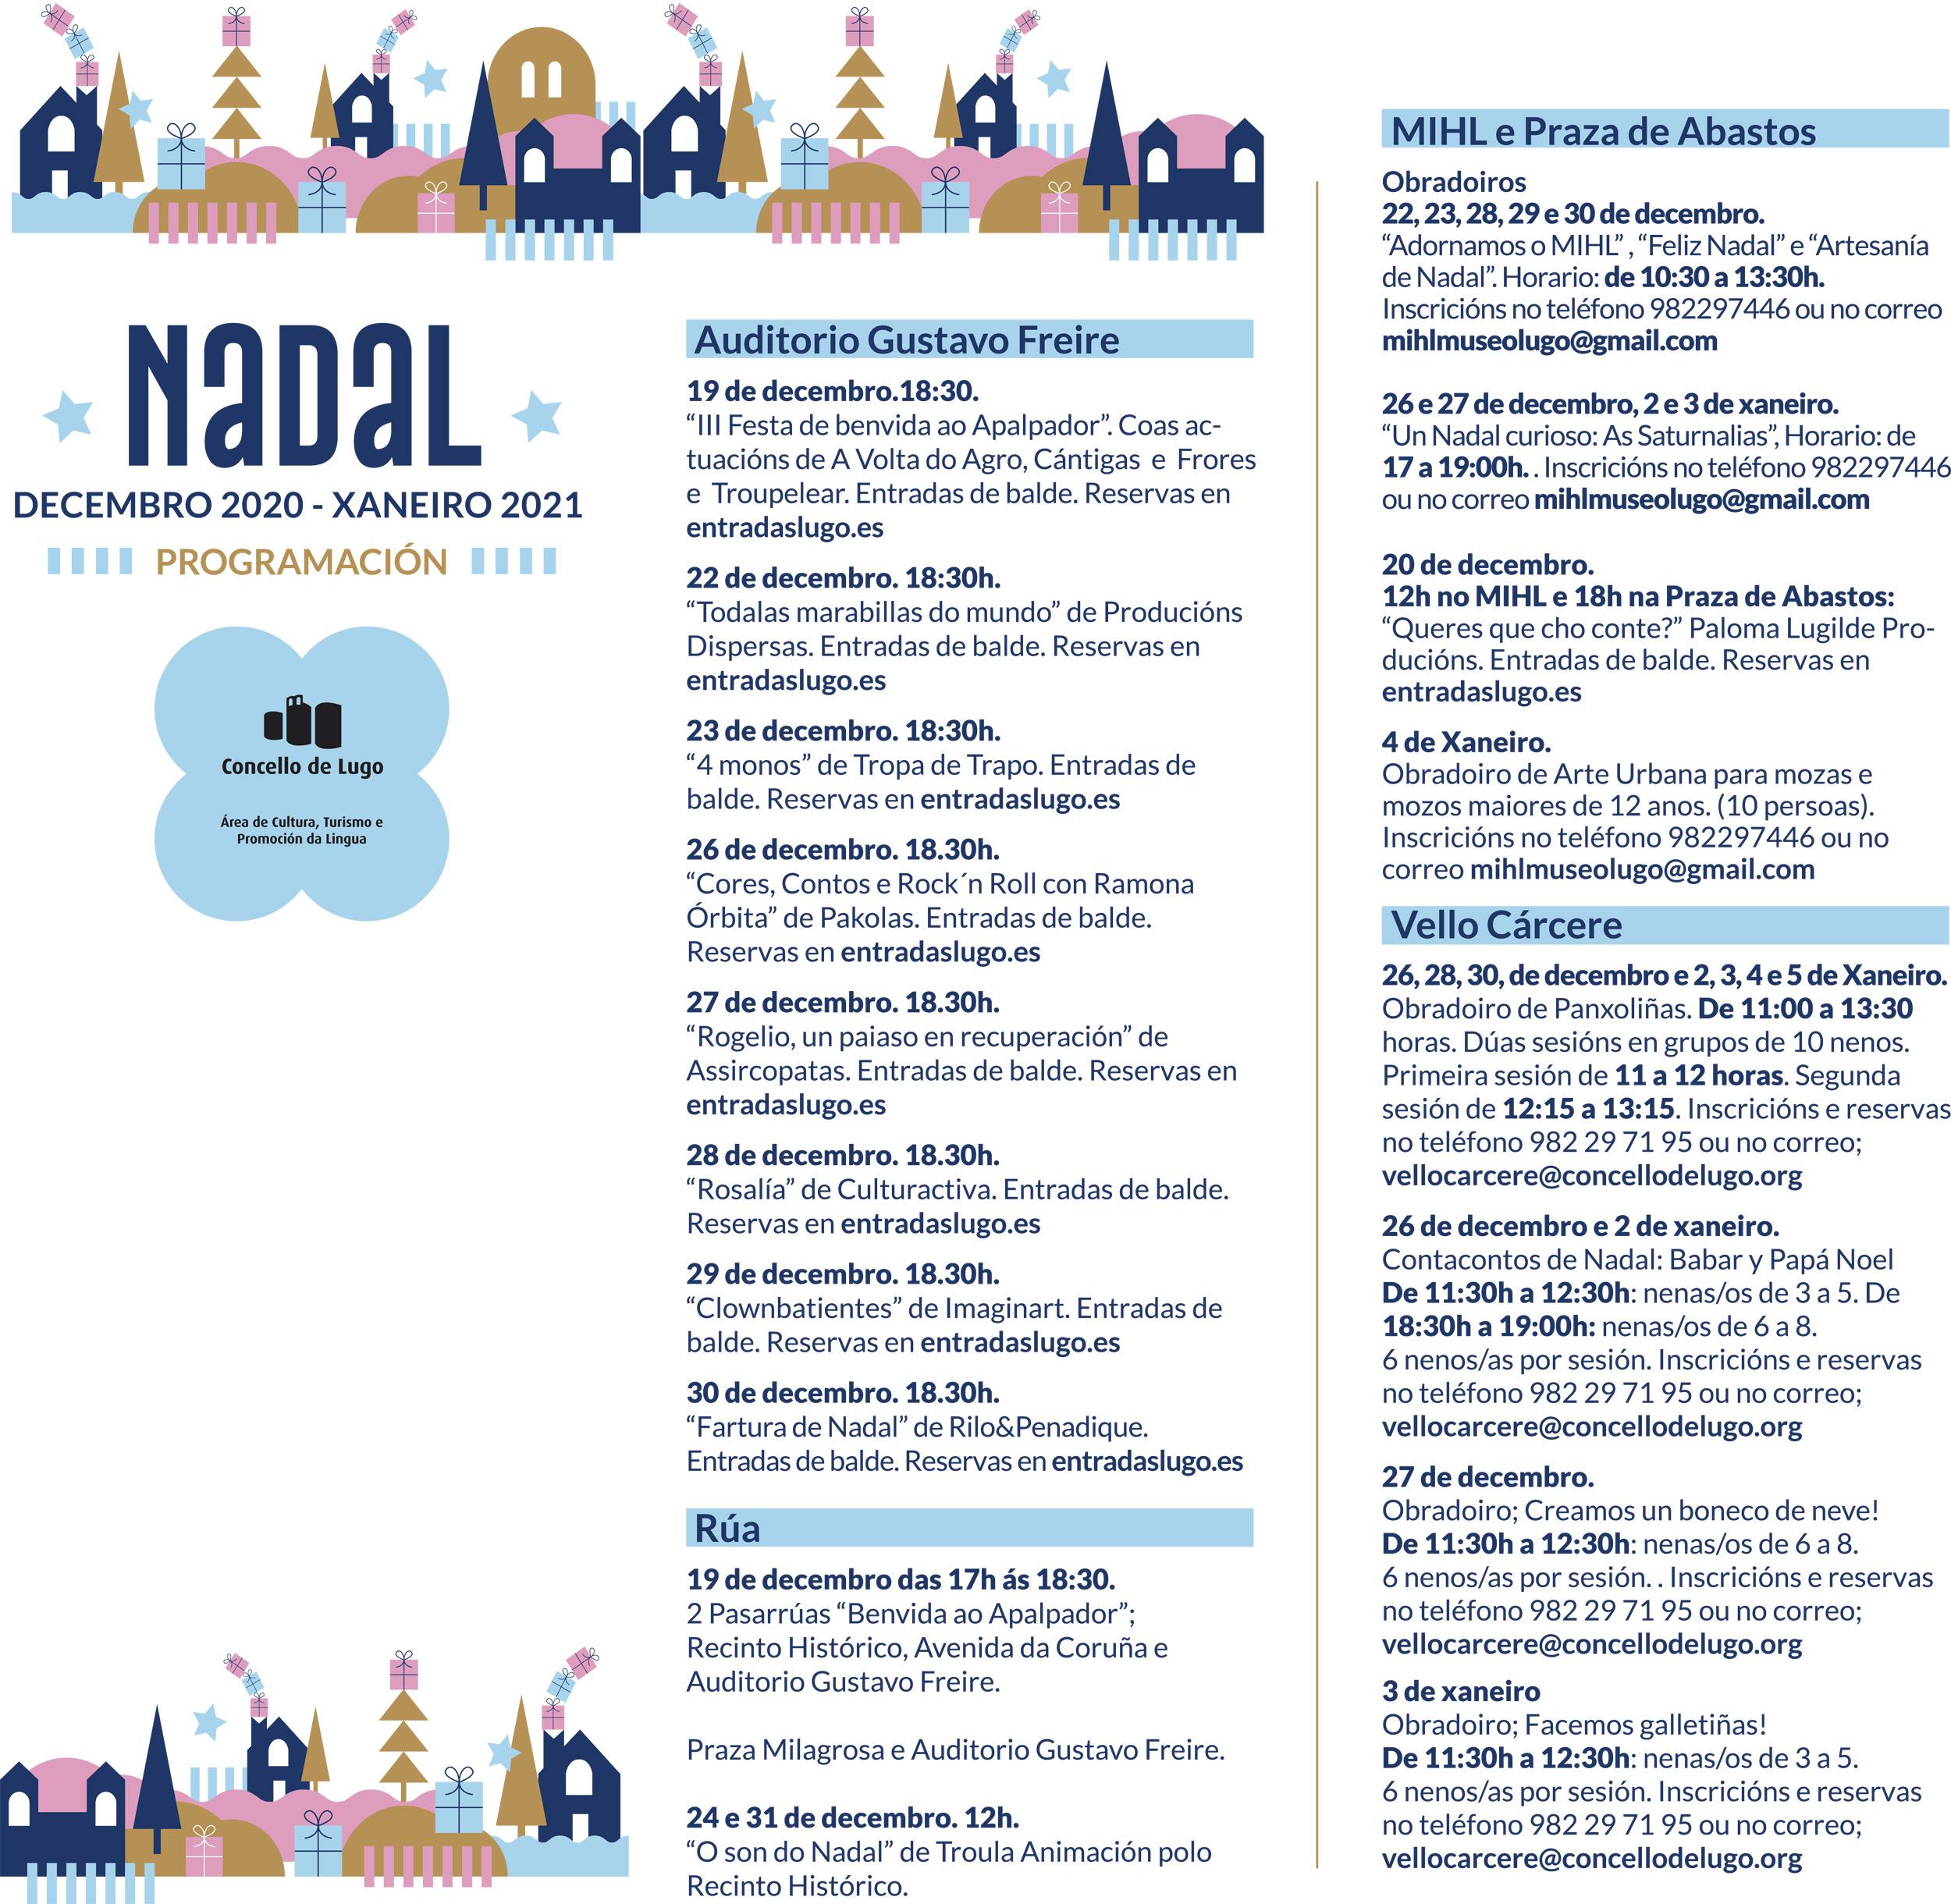 Programación de Nadal 2020 en Lugo